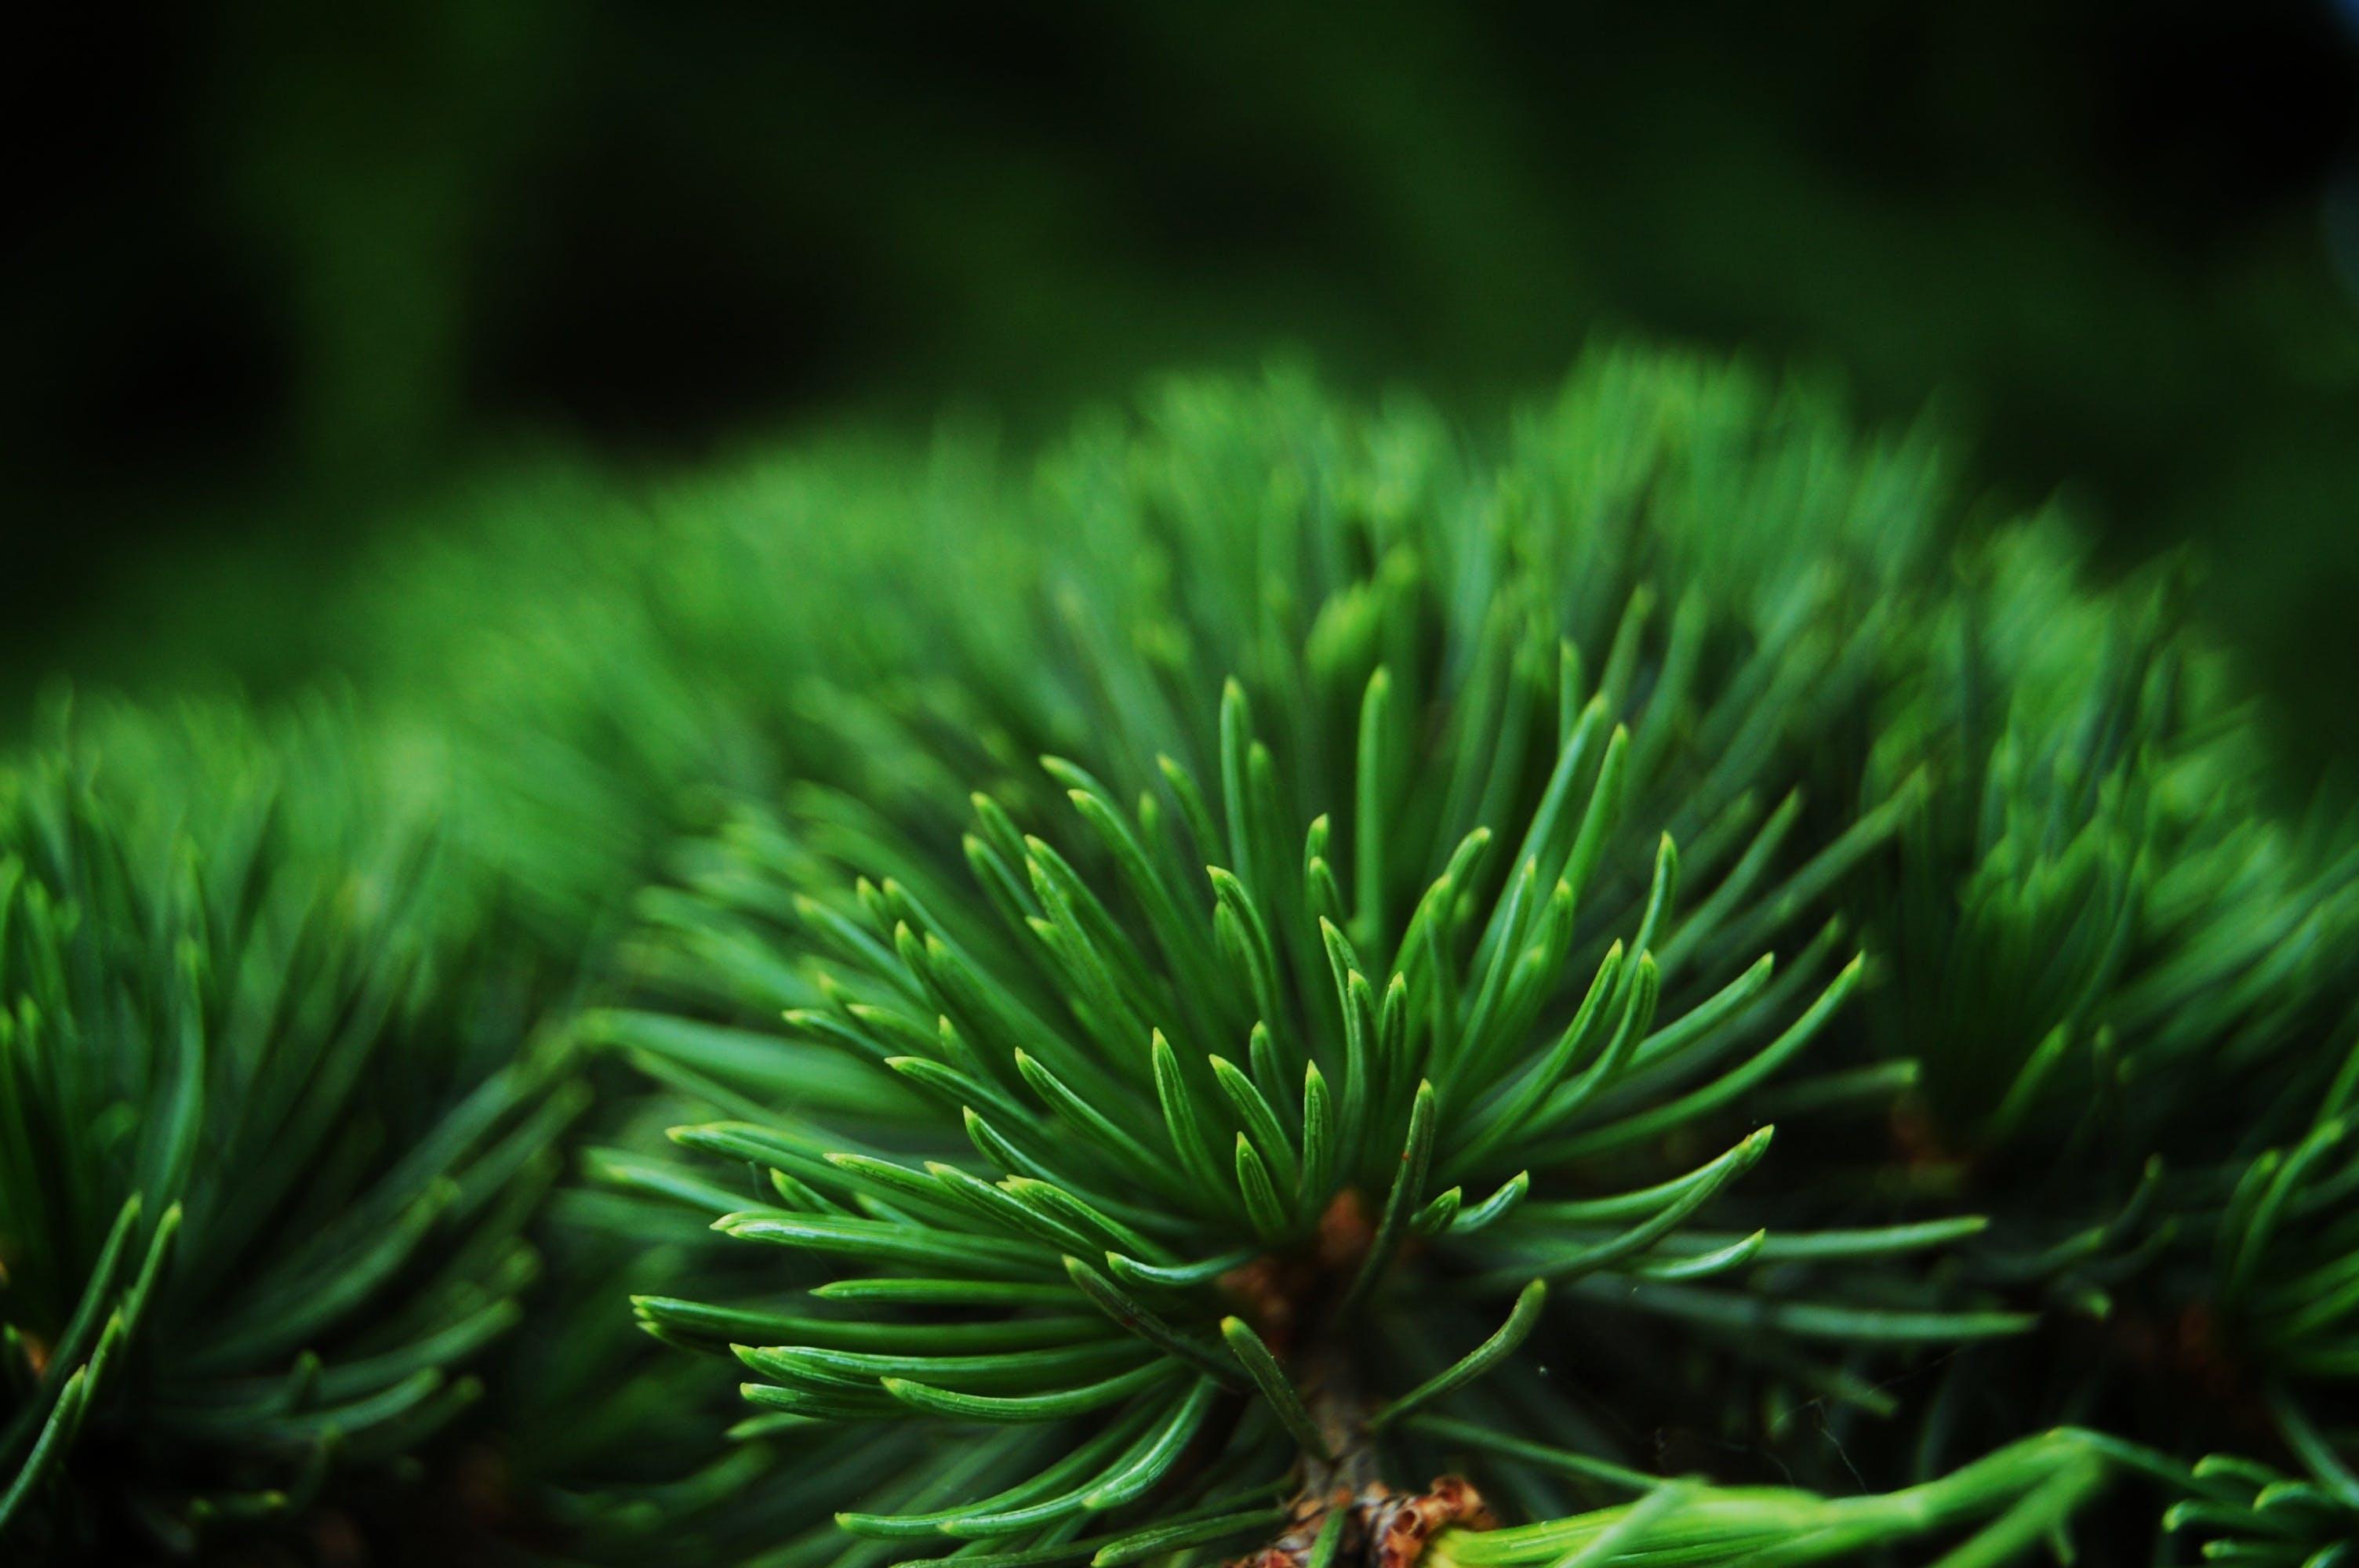 Kostenloses Stock Foto zu grün, nahansicht, pflanze, tiefenschärfe